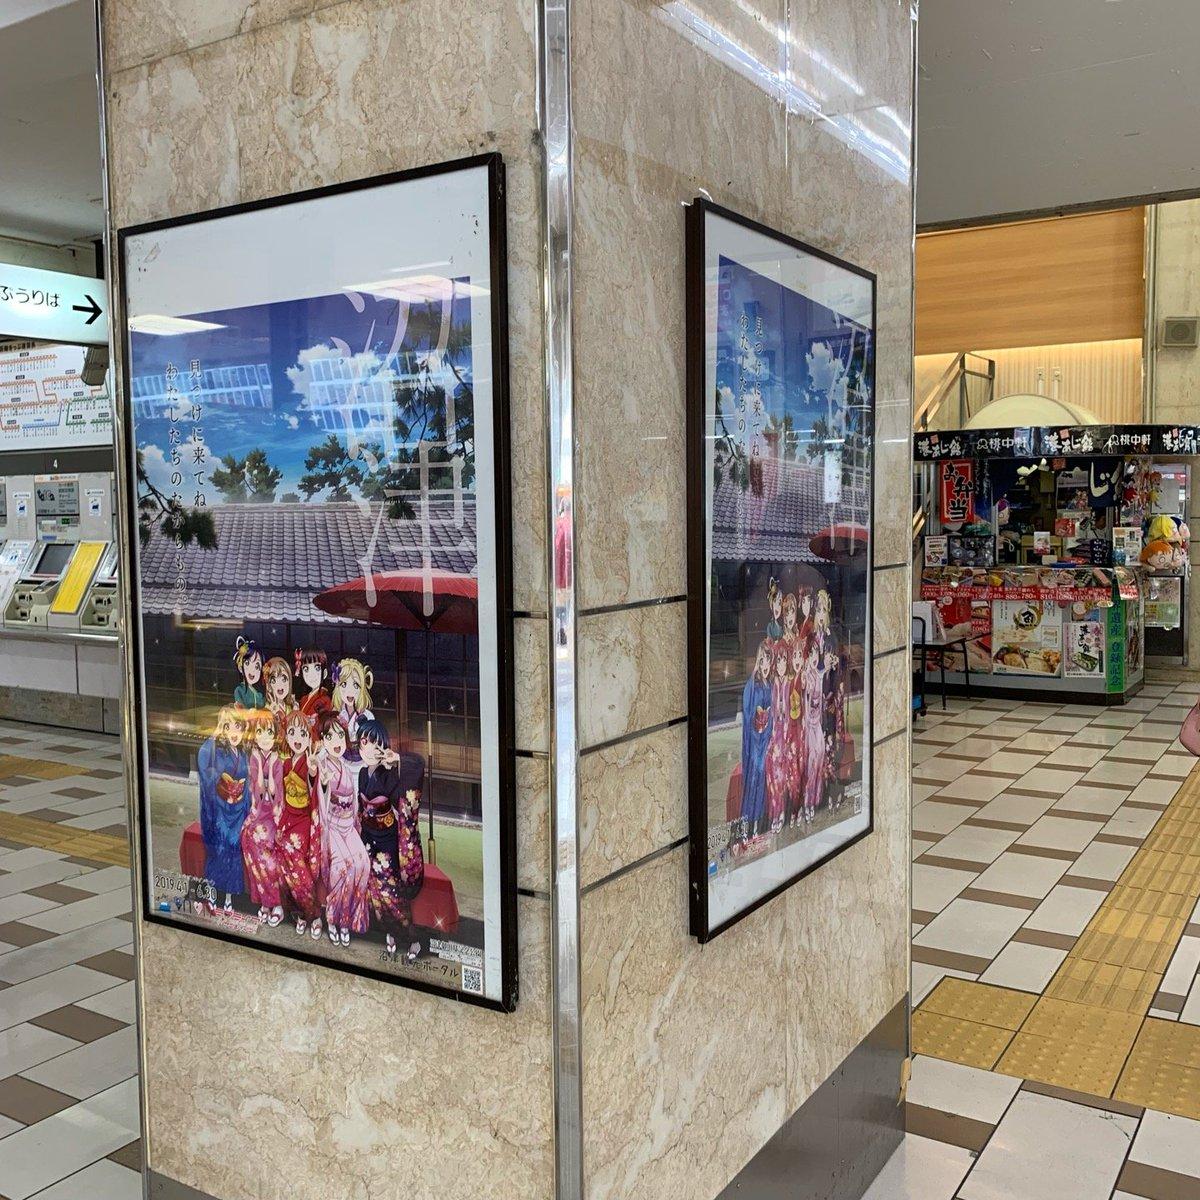 沼津駅 静岡デスティネーションキャンペーン ラブライブ!サンシャイン!!(2)